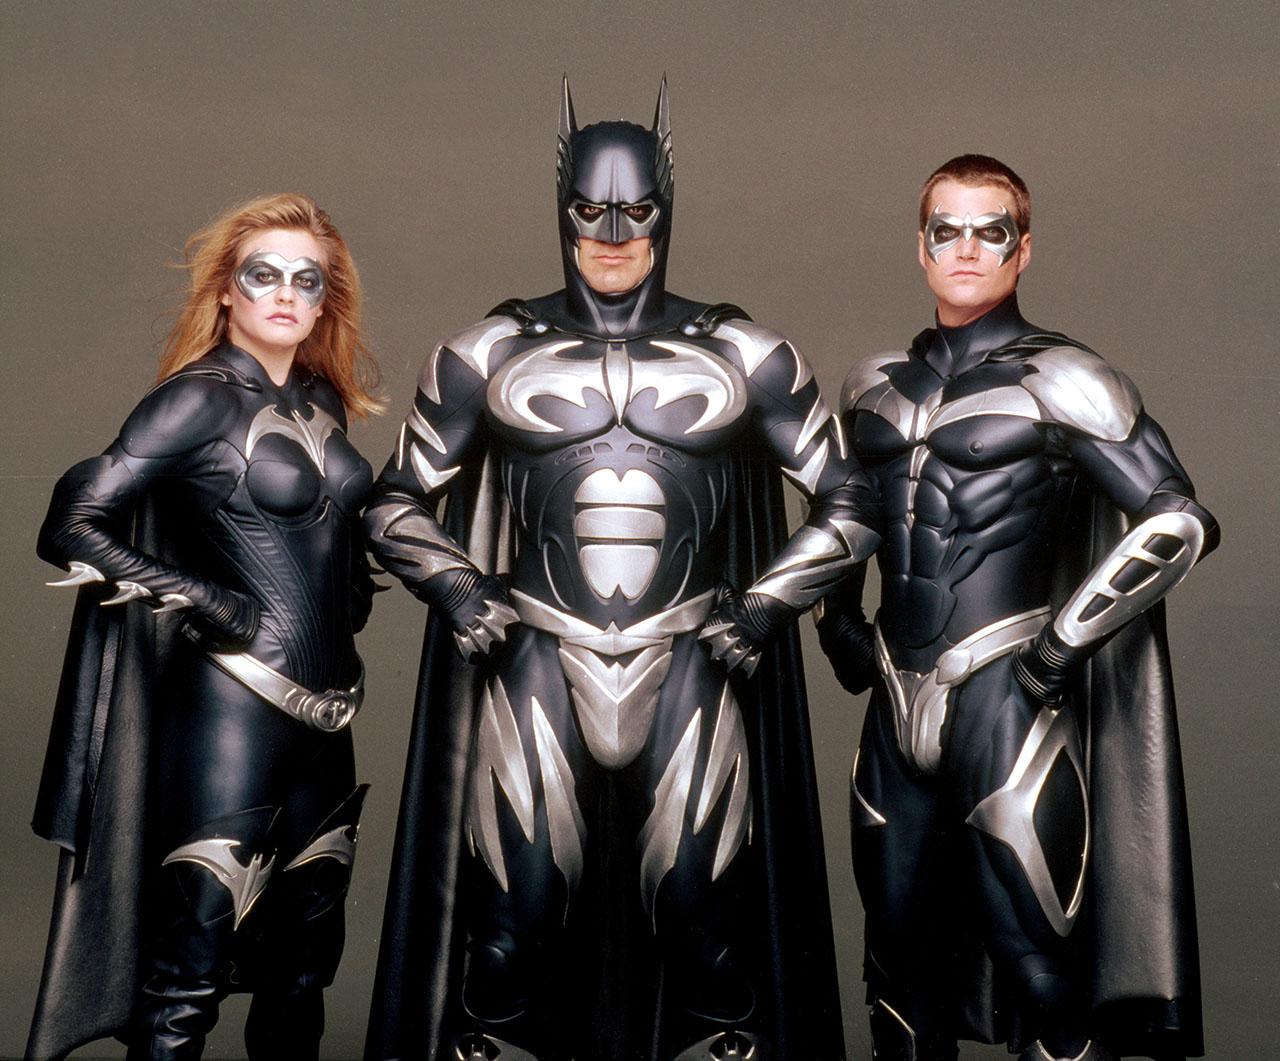 BatmanRobin_Stills-02.jpg